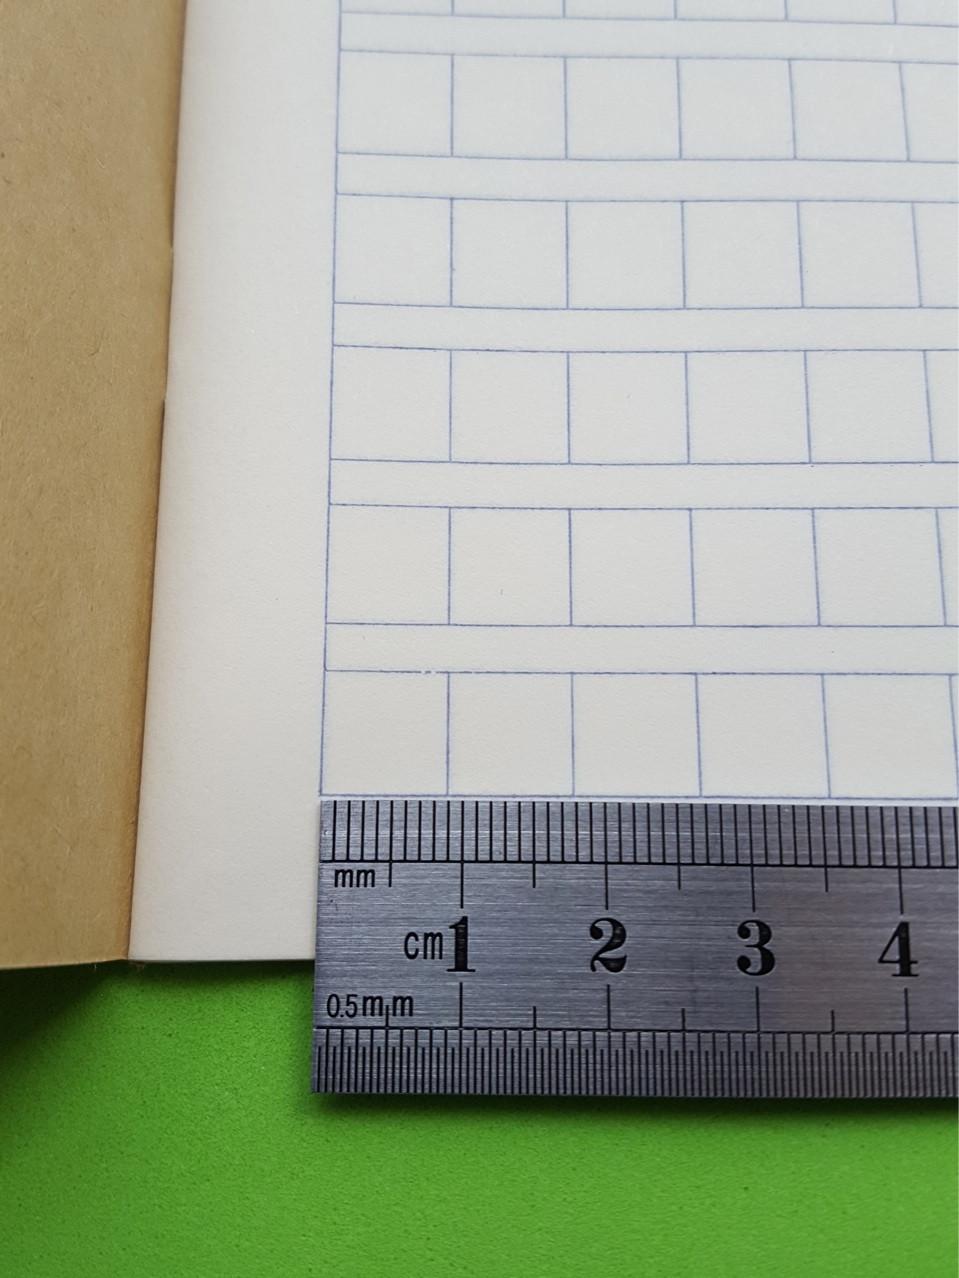 [Комплект 20 шт.] Тетрадь для написания иероглифов. Клетка 9 мм с полем для пиньинь. 4732 клетки